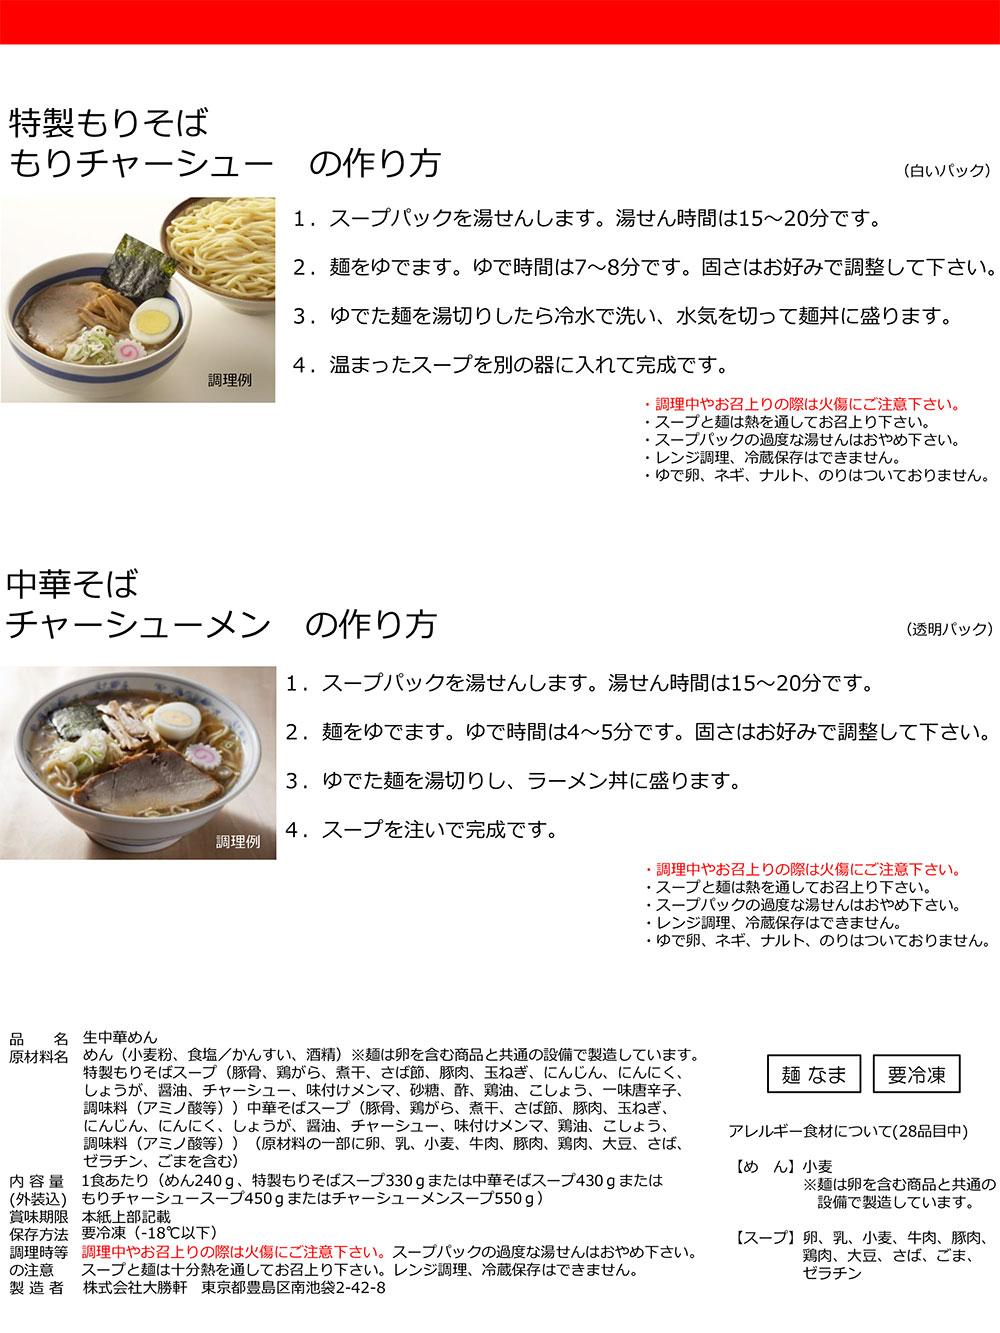 大勝軒のラーメン・つけ麺作り方